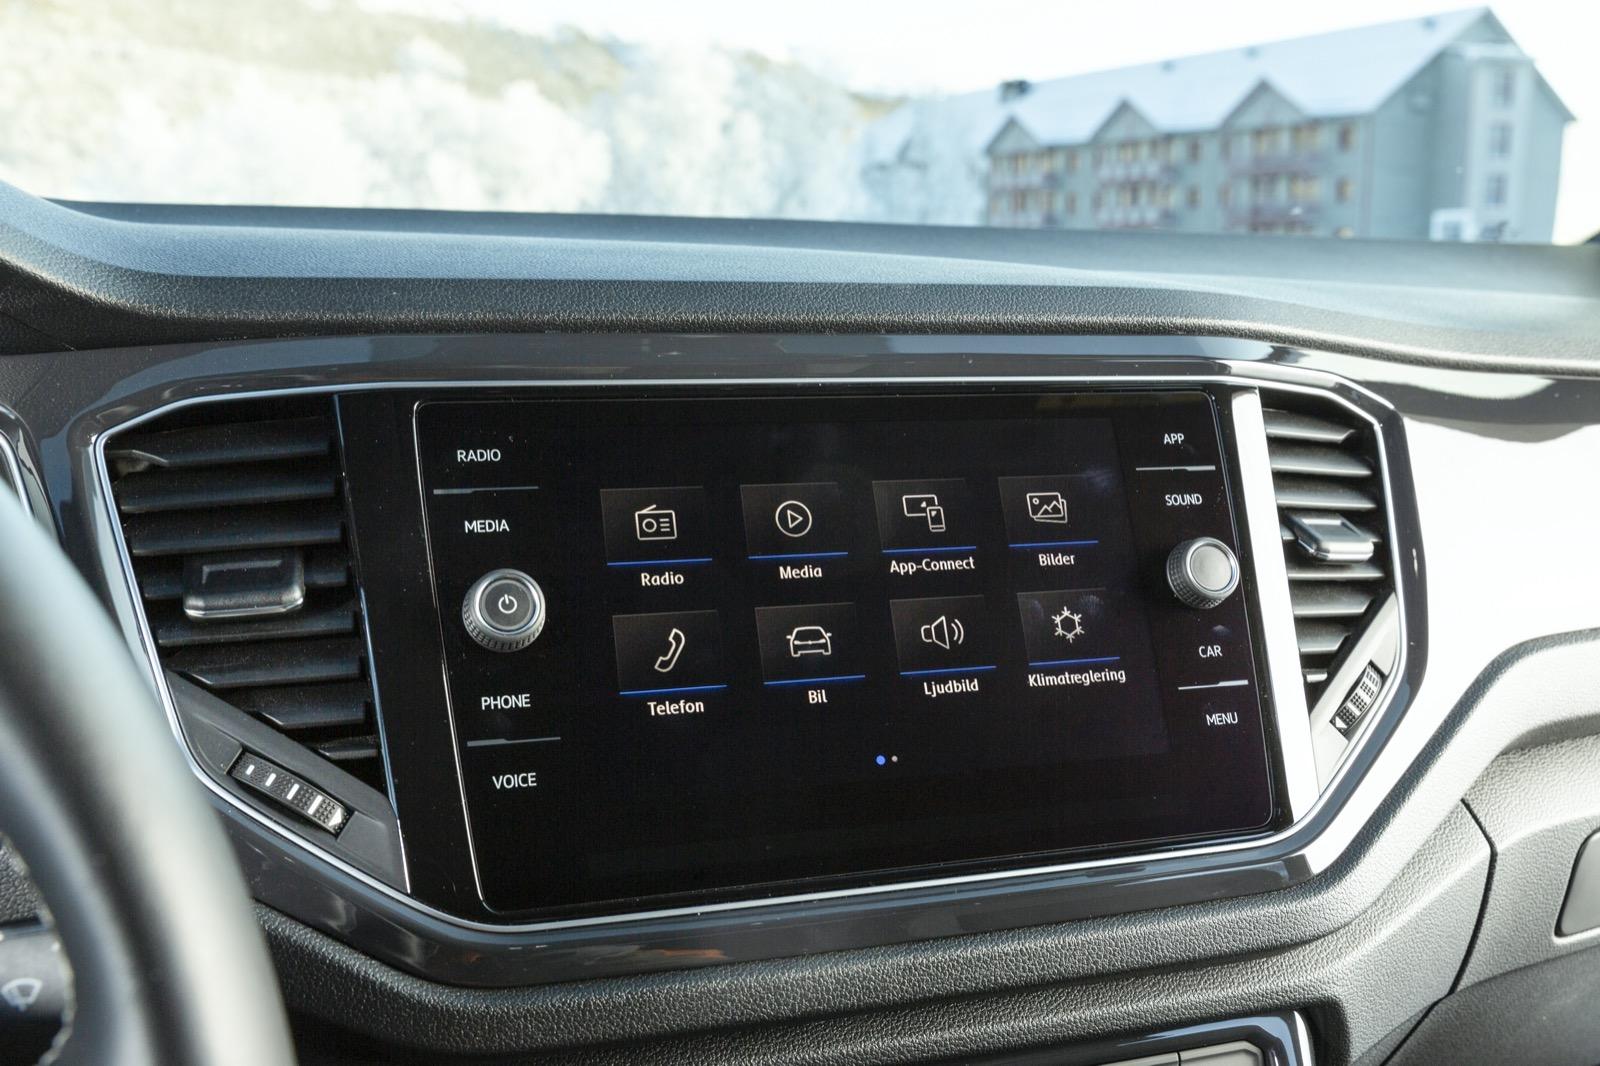 Volkswagen: Tydligt och lättbegripligt. Testlaget uppskattar fysiskt volymvred och möjligheten att använda det högra vredet till manuell radiofrekvens och liknande funktioner. Bra.